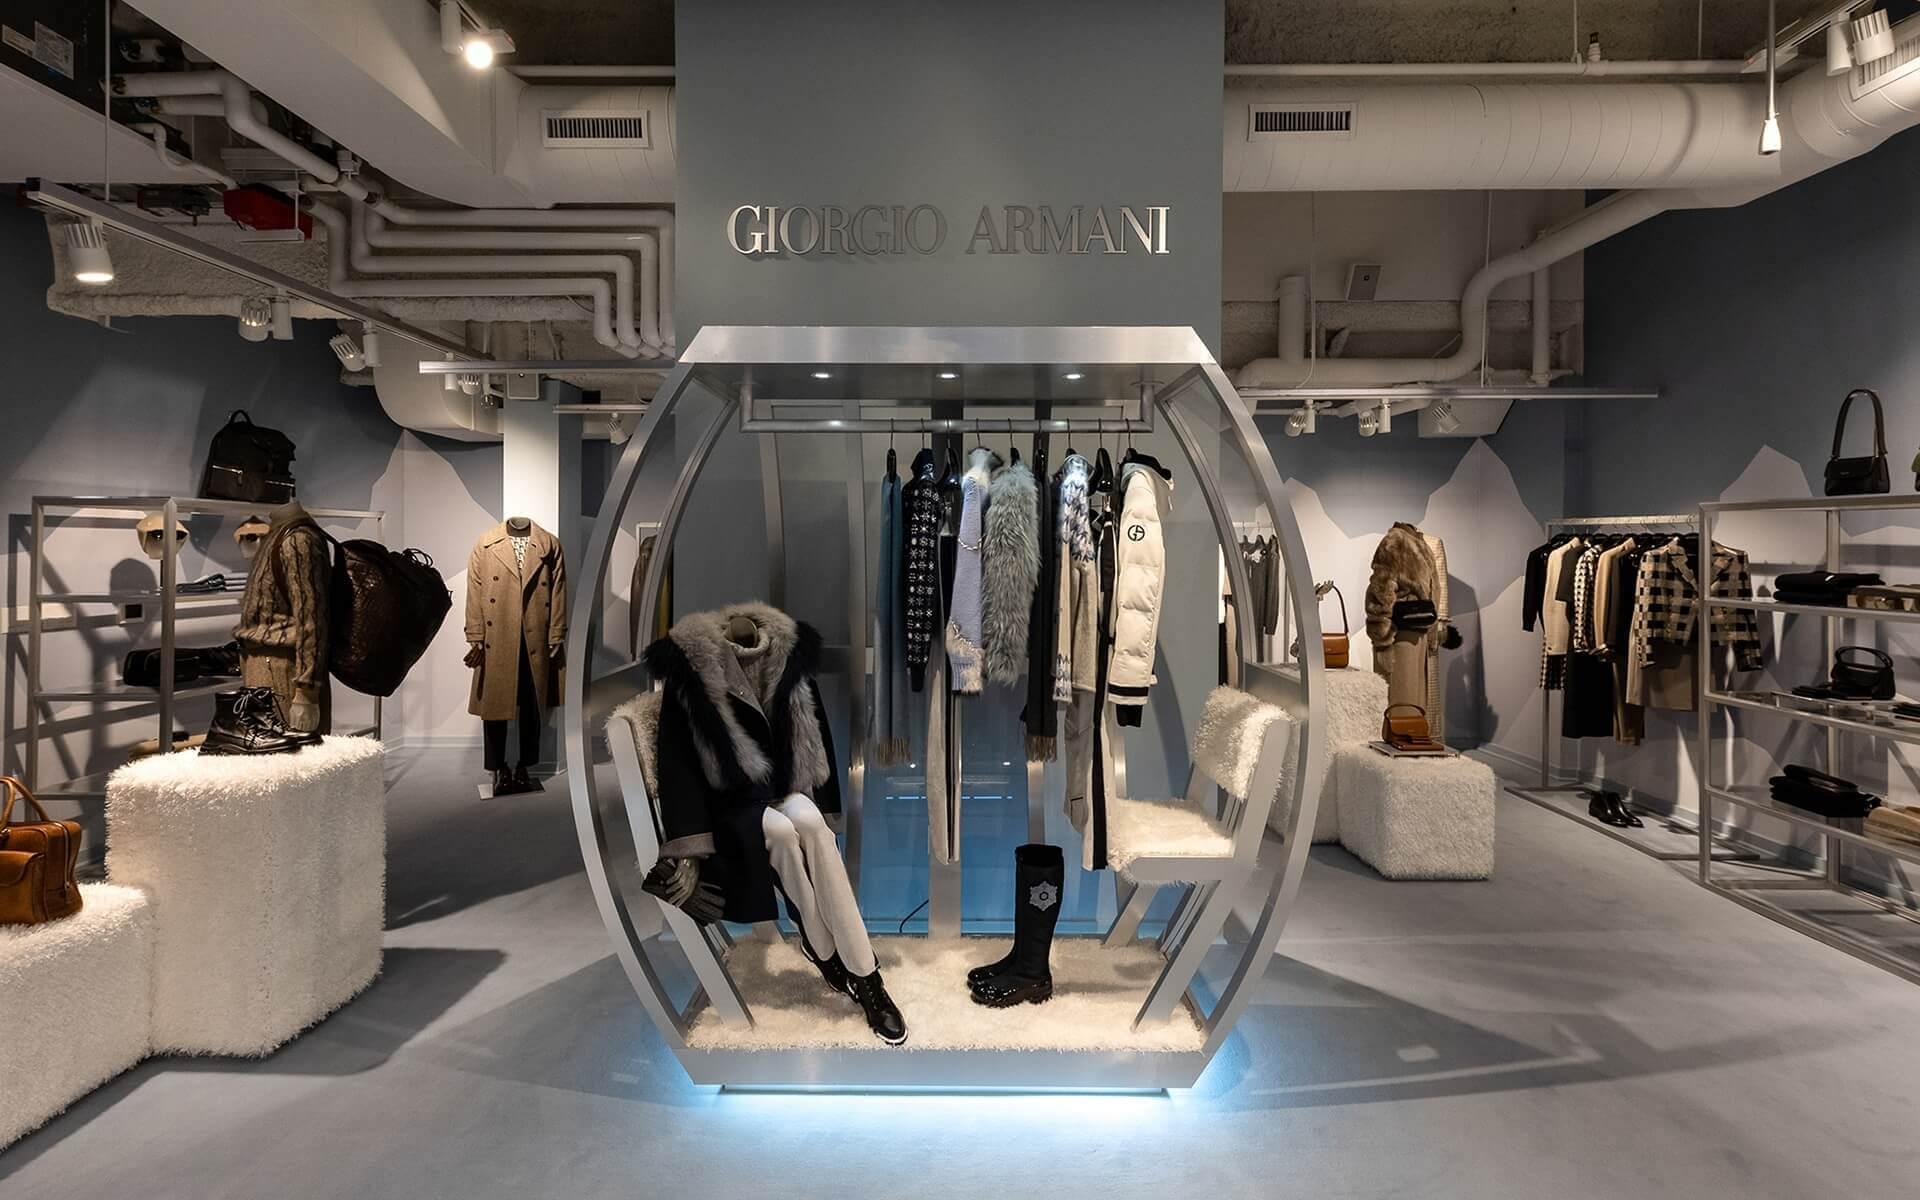 giorgio armani aspen mağaza tasarımı